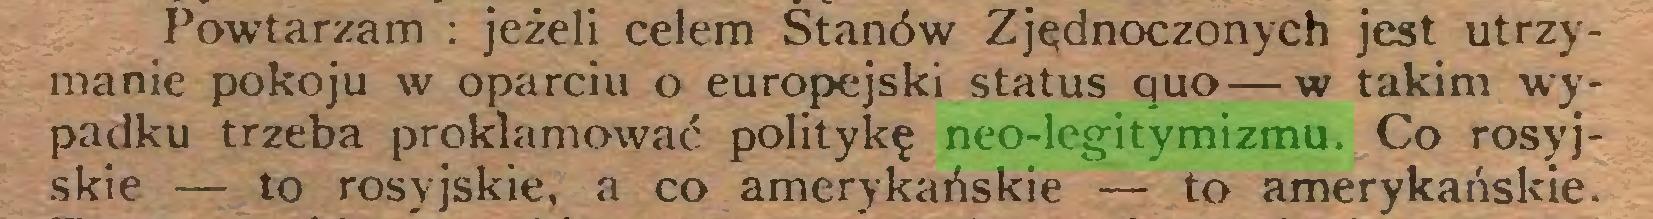 (...) Powtarzam : jeżeli celem Stanów Zjednoczonych jest utrzymanie pokoju w oparciu o europejski status quo—w takim wypadku trzeba proklamować politykę neo-legitymizmu. Co rosyjskie — to rosyjskie, a co amerykańskie — to amerykańskie...